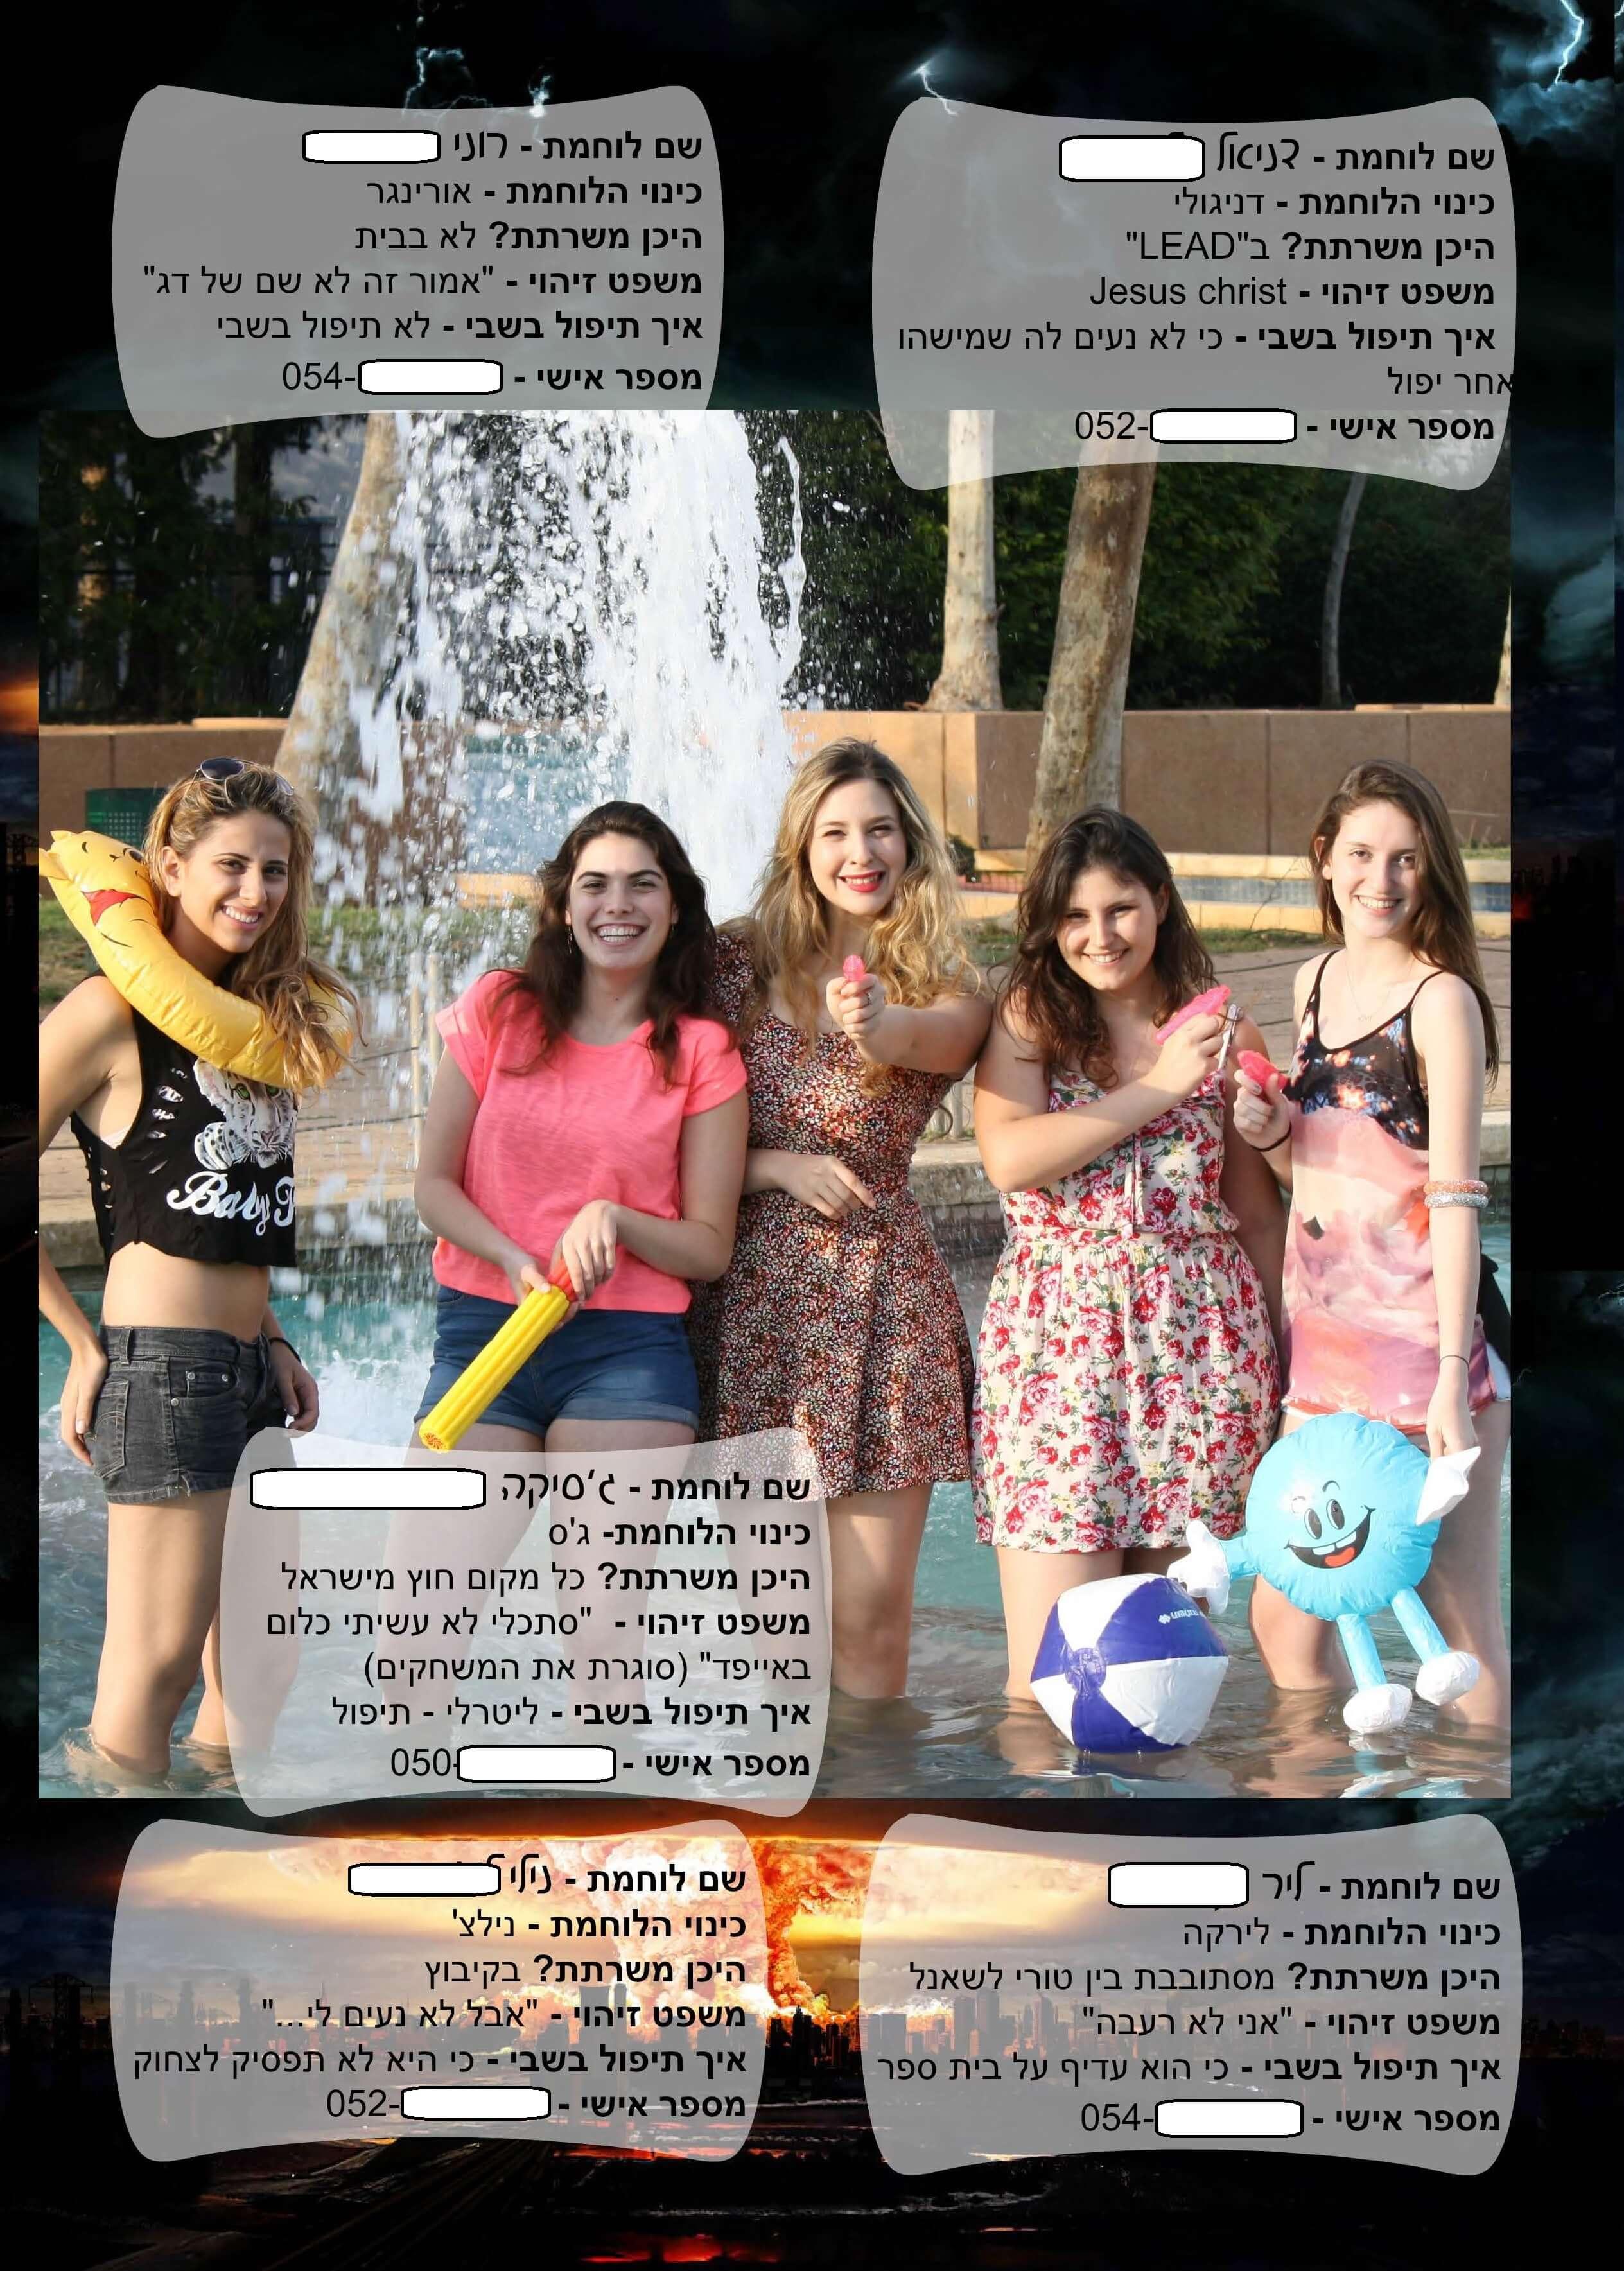 תמונה קבוצתית בספר מחזור